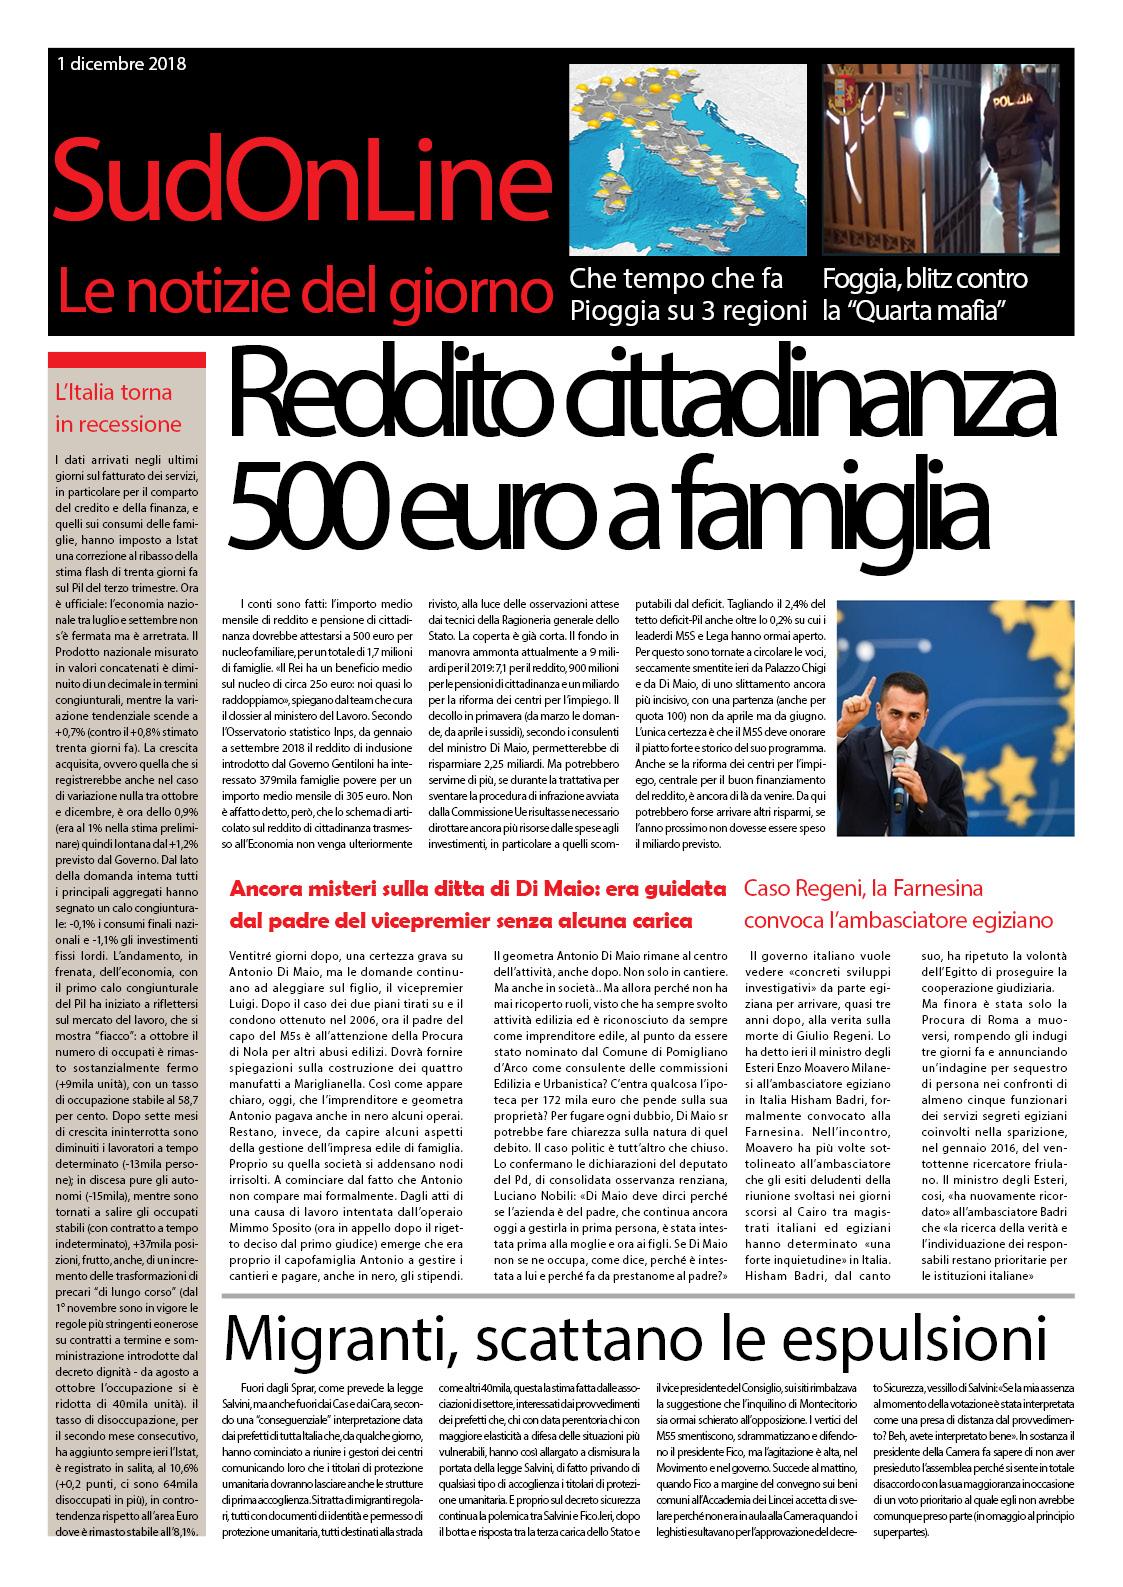 Il SudOnLine quotidiano del 1° dicembre: Reddito di cittadinanza, 500 euro a famiglia – I misteri della Ditta Di Maio – Blitz contro la Quarta Mafia a Foggia